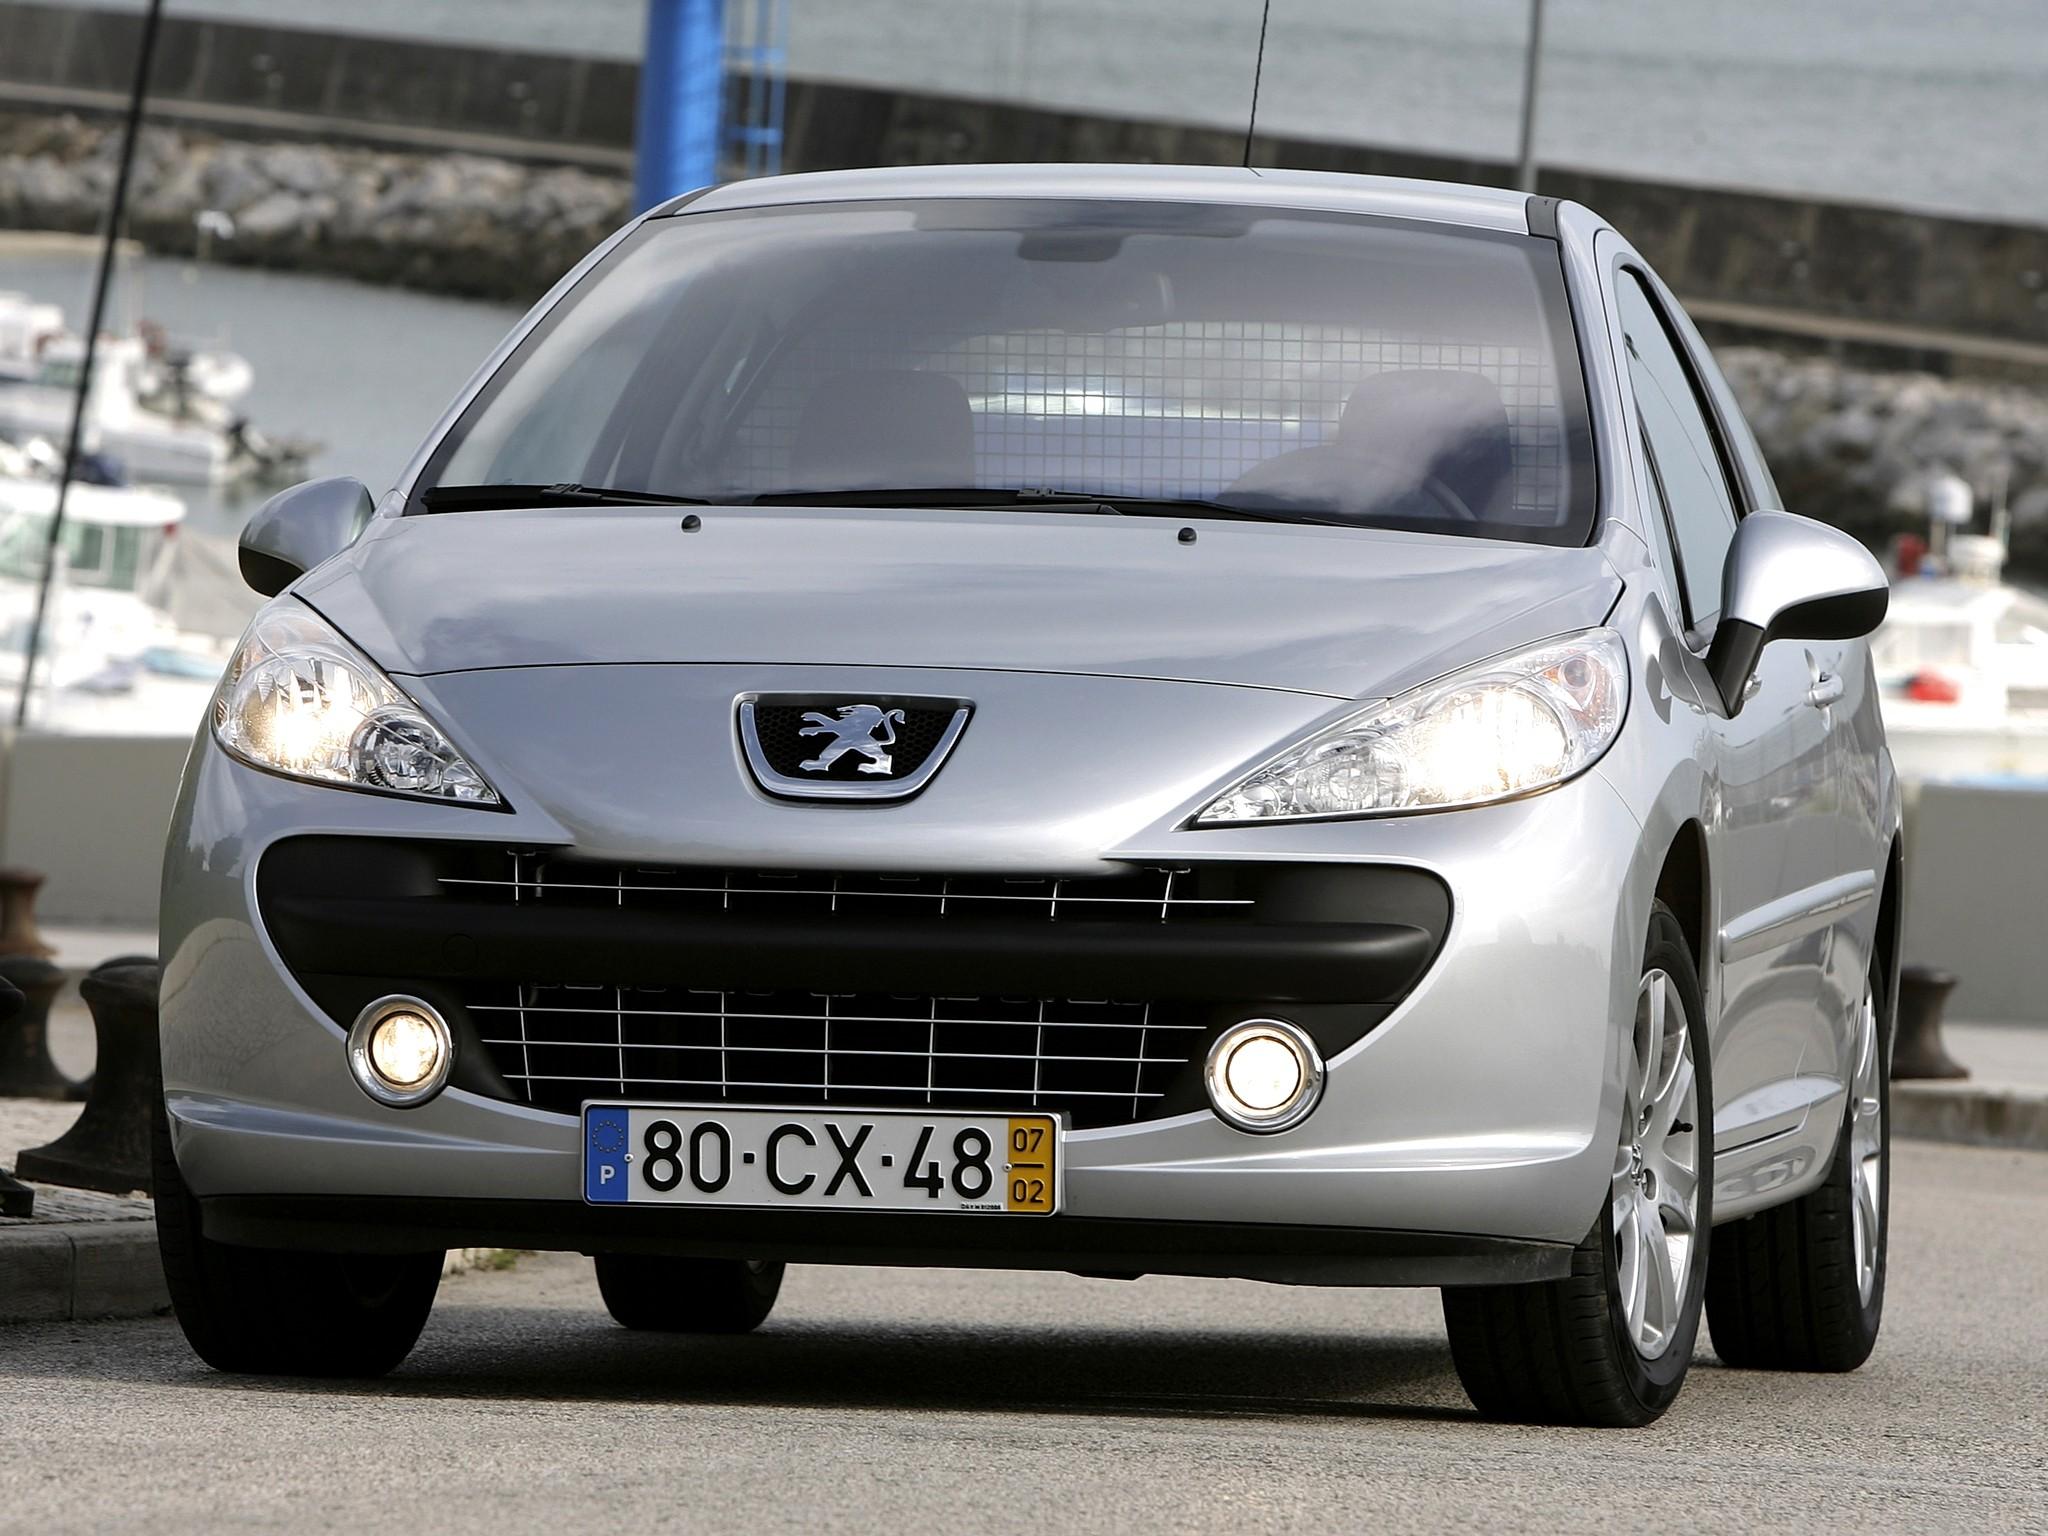 Если заглушить двигатель и мигнуть фарами, на Peugeot 207 включается ближний свет